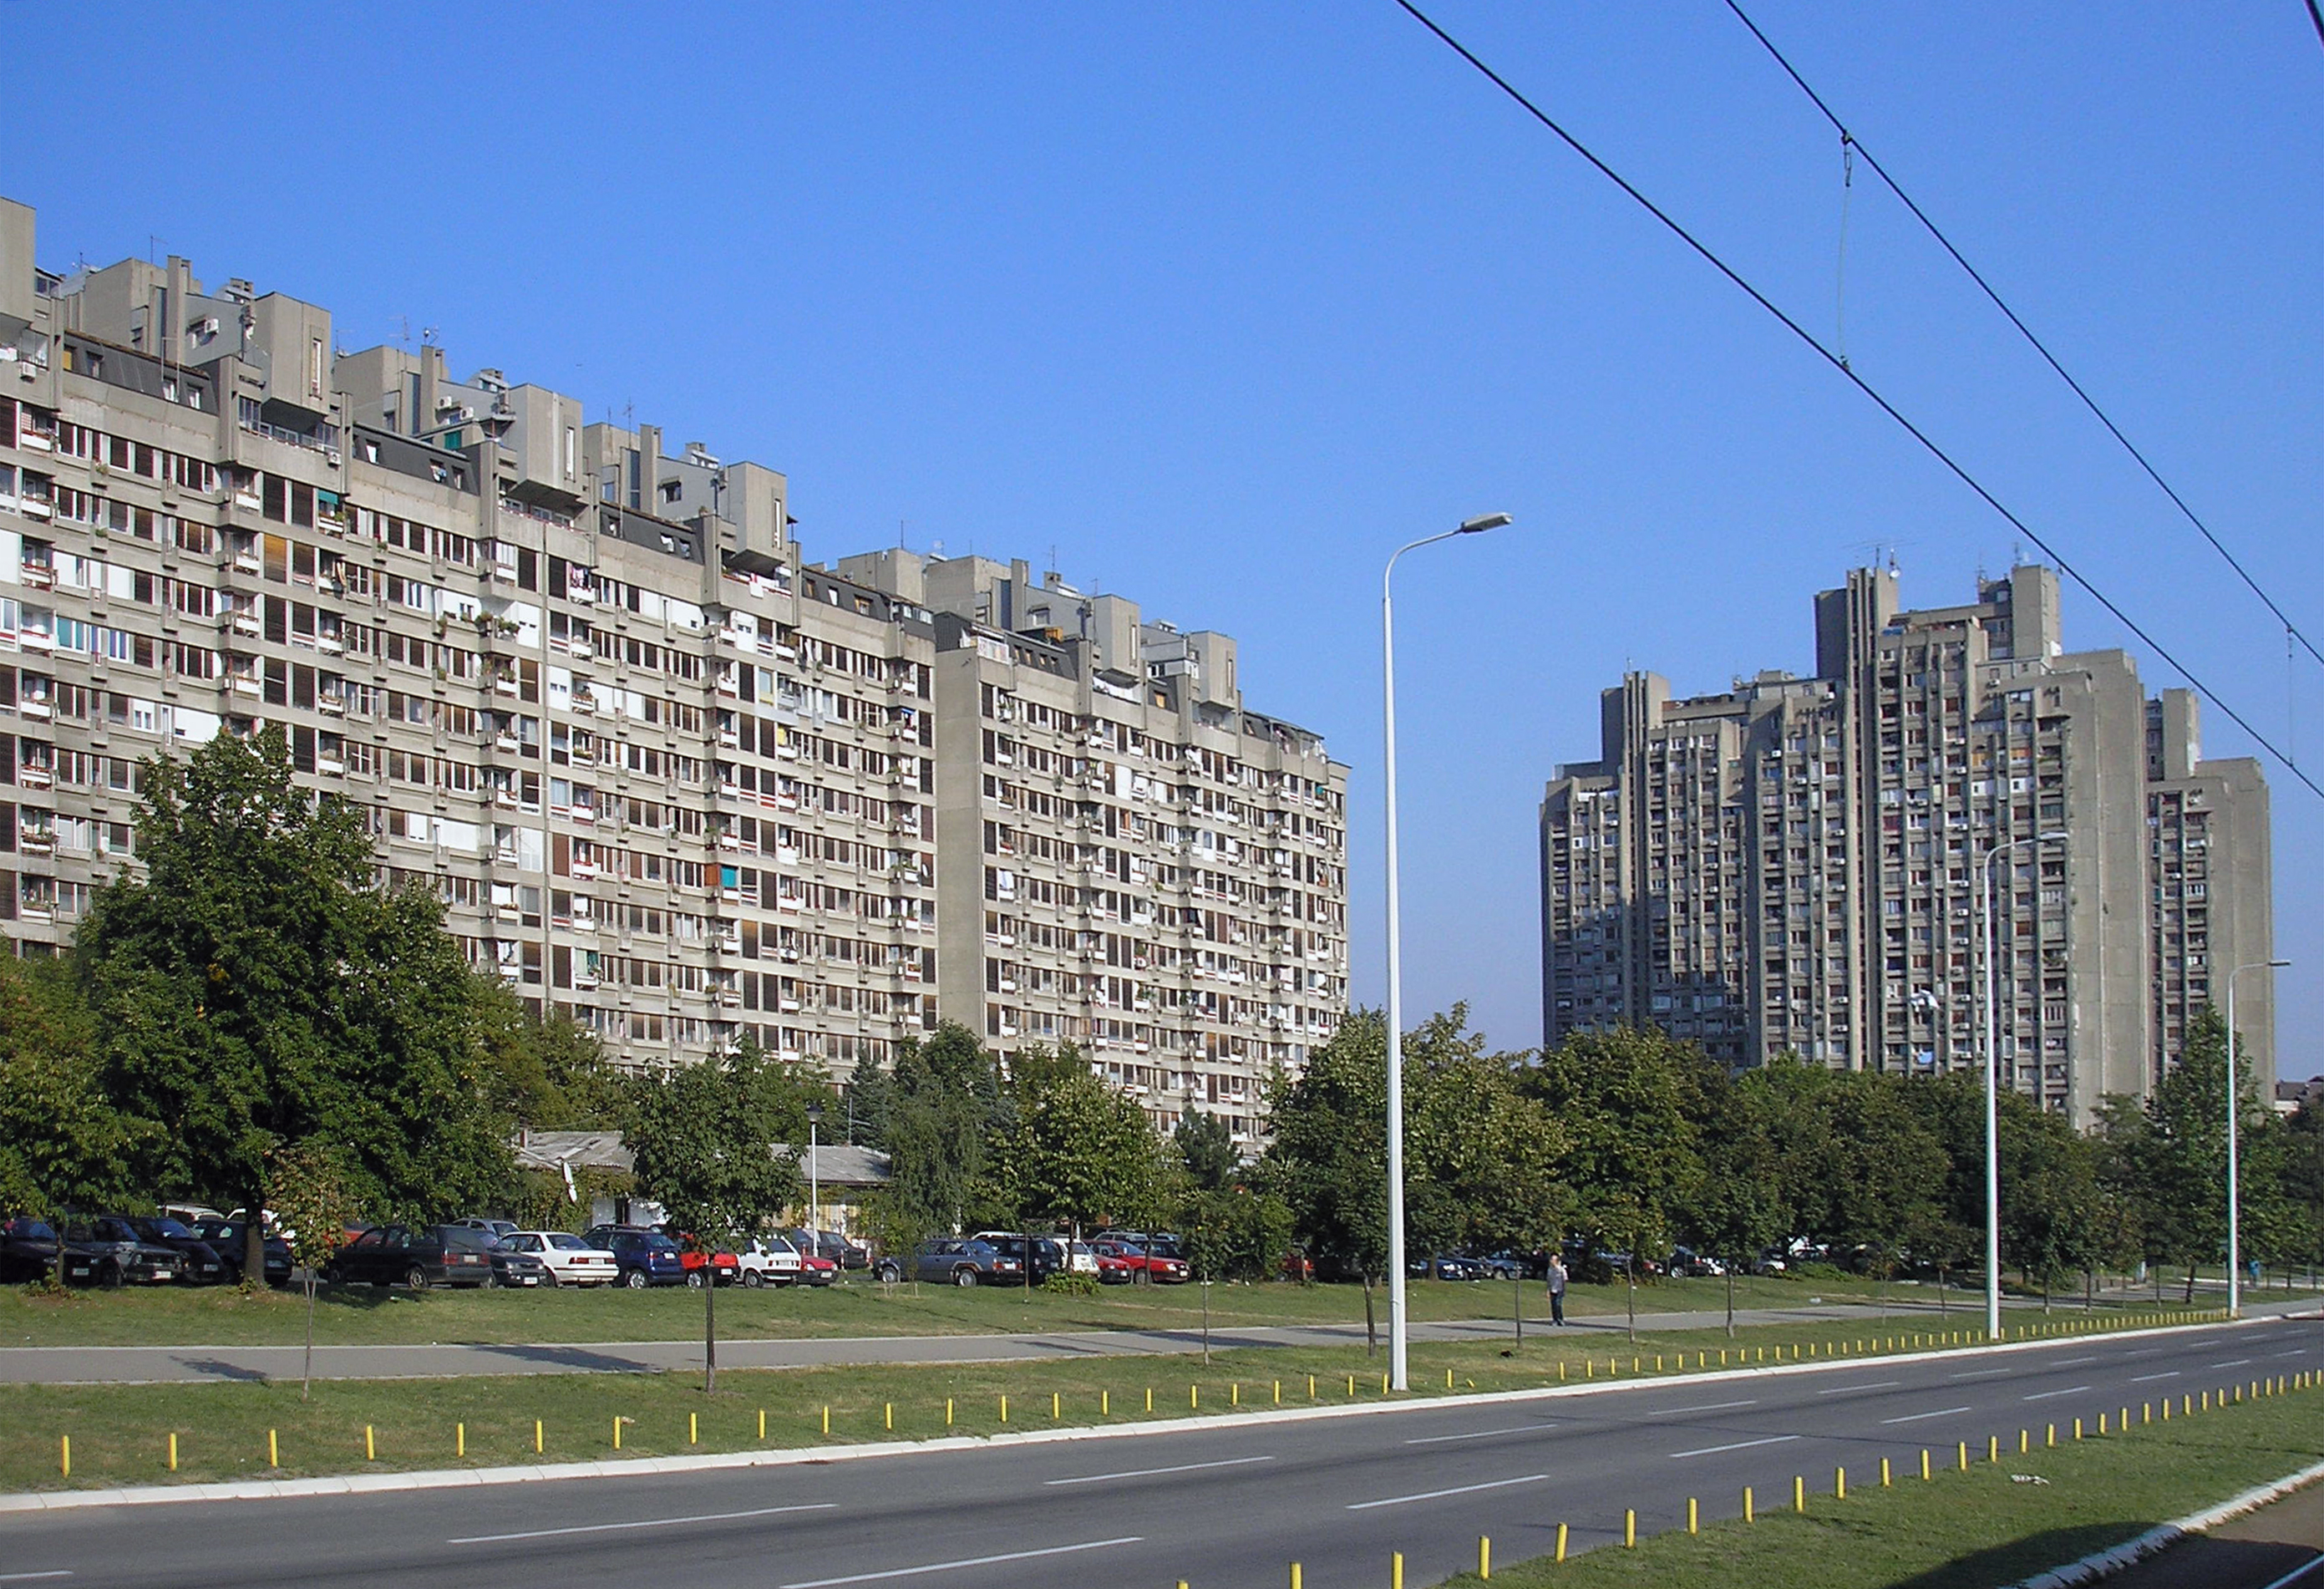 Fig 5: Housing in block 23 by architects Aleksandar Stjepanović, Božidar Janković, Branislav Karadžić, 1974.